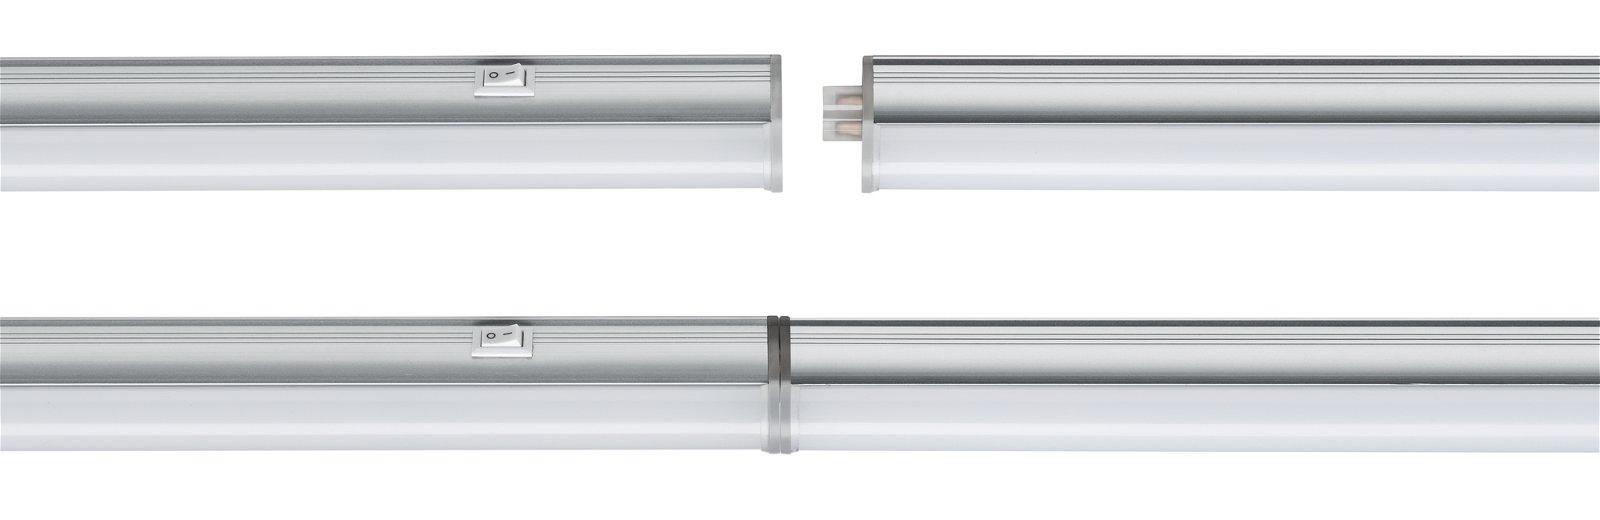 LED Unterschrankleuchte Bond inkl. Schalter 518x25mm 720lm 230V 4000K Satin